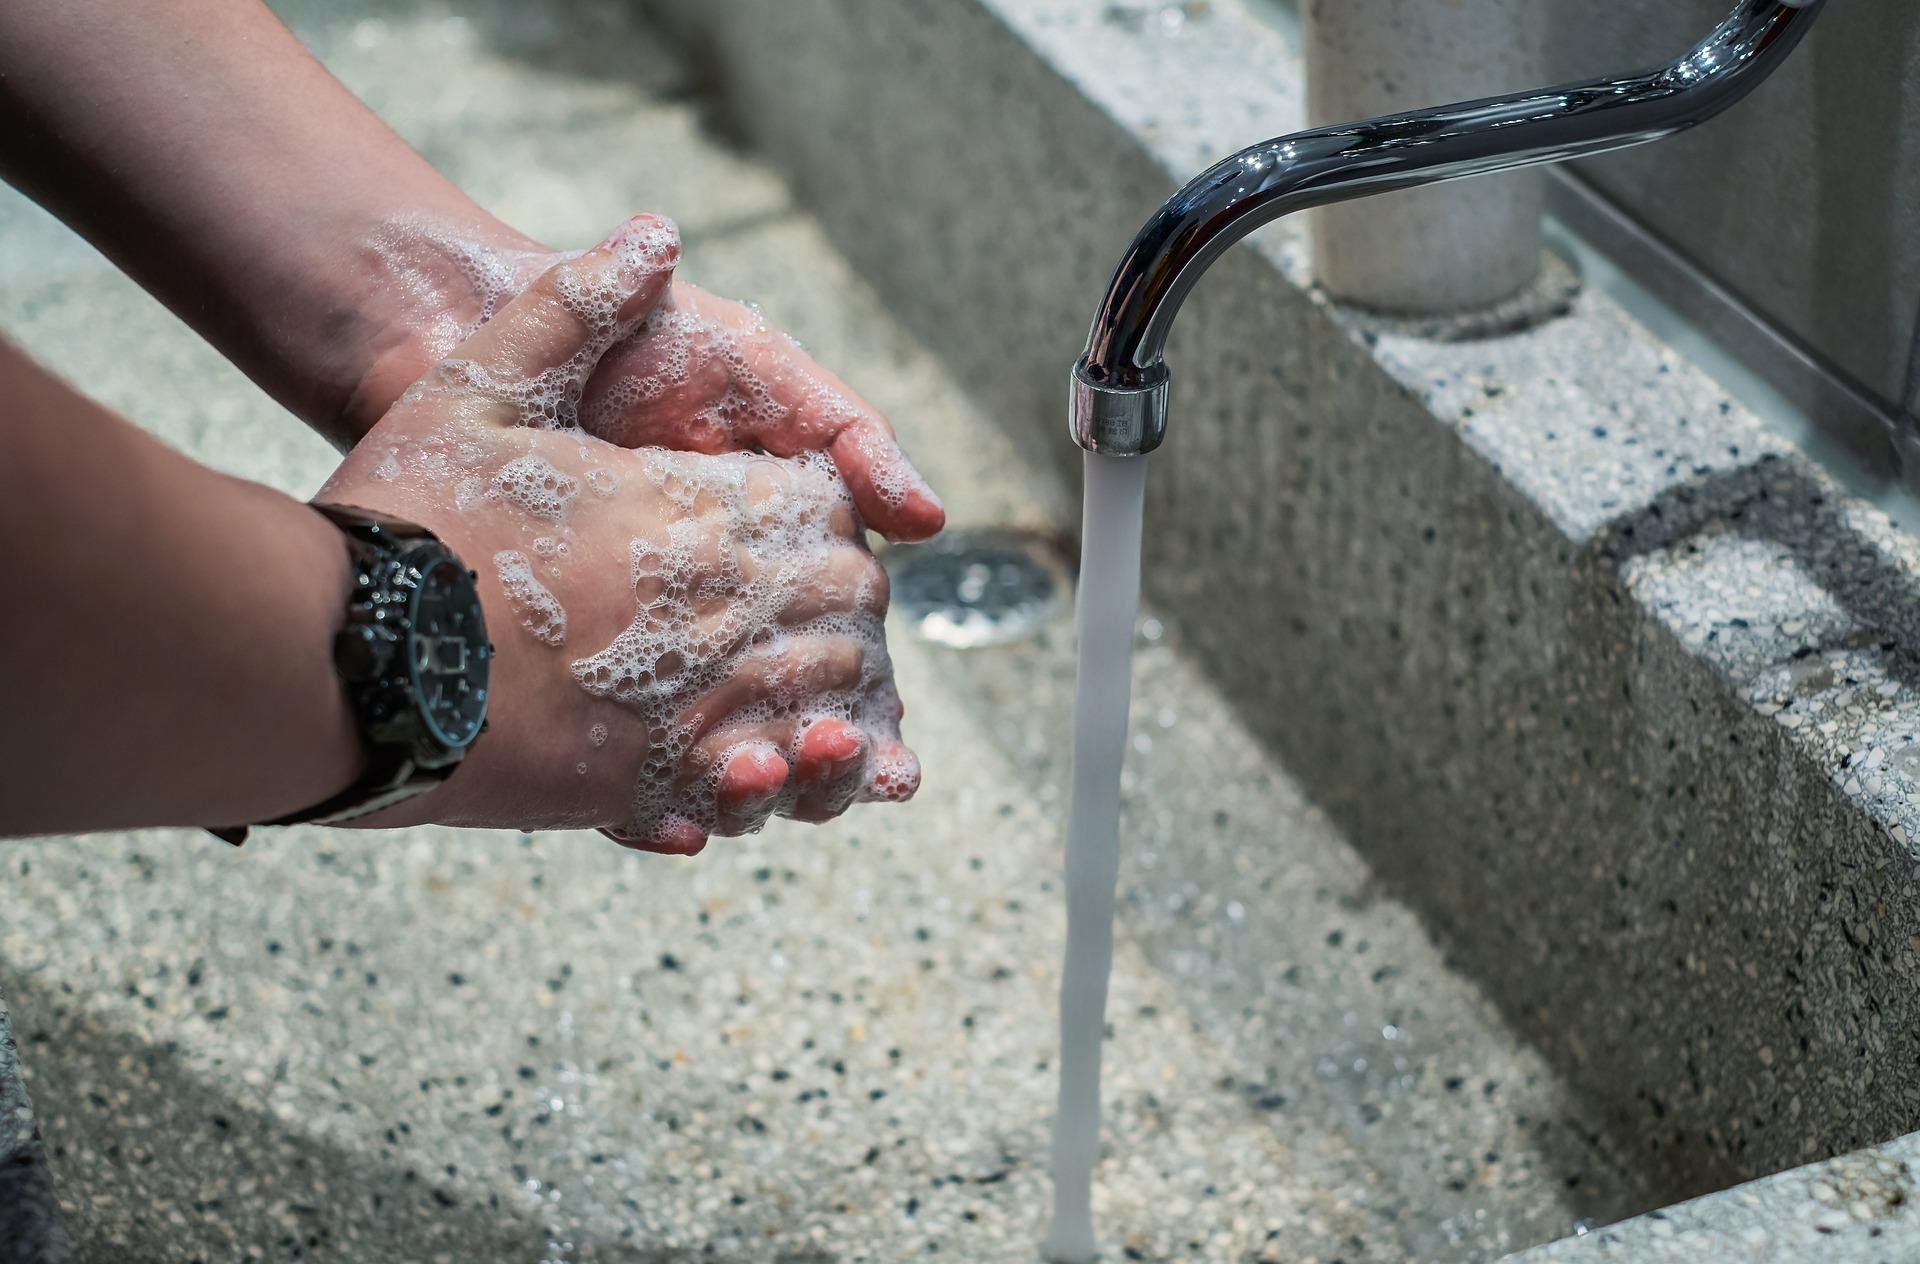 Vasker hender